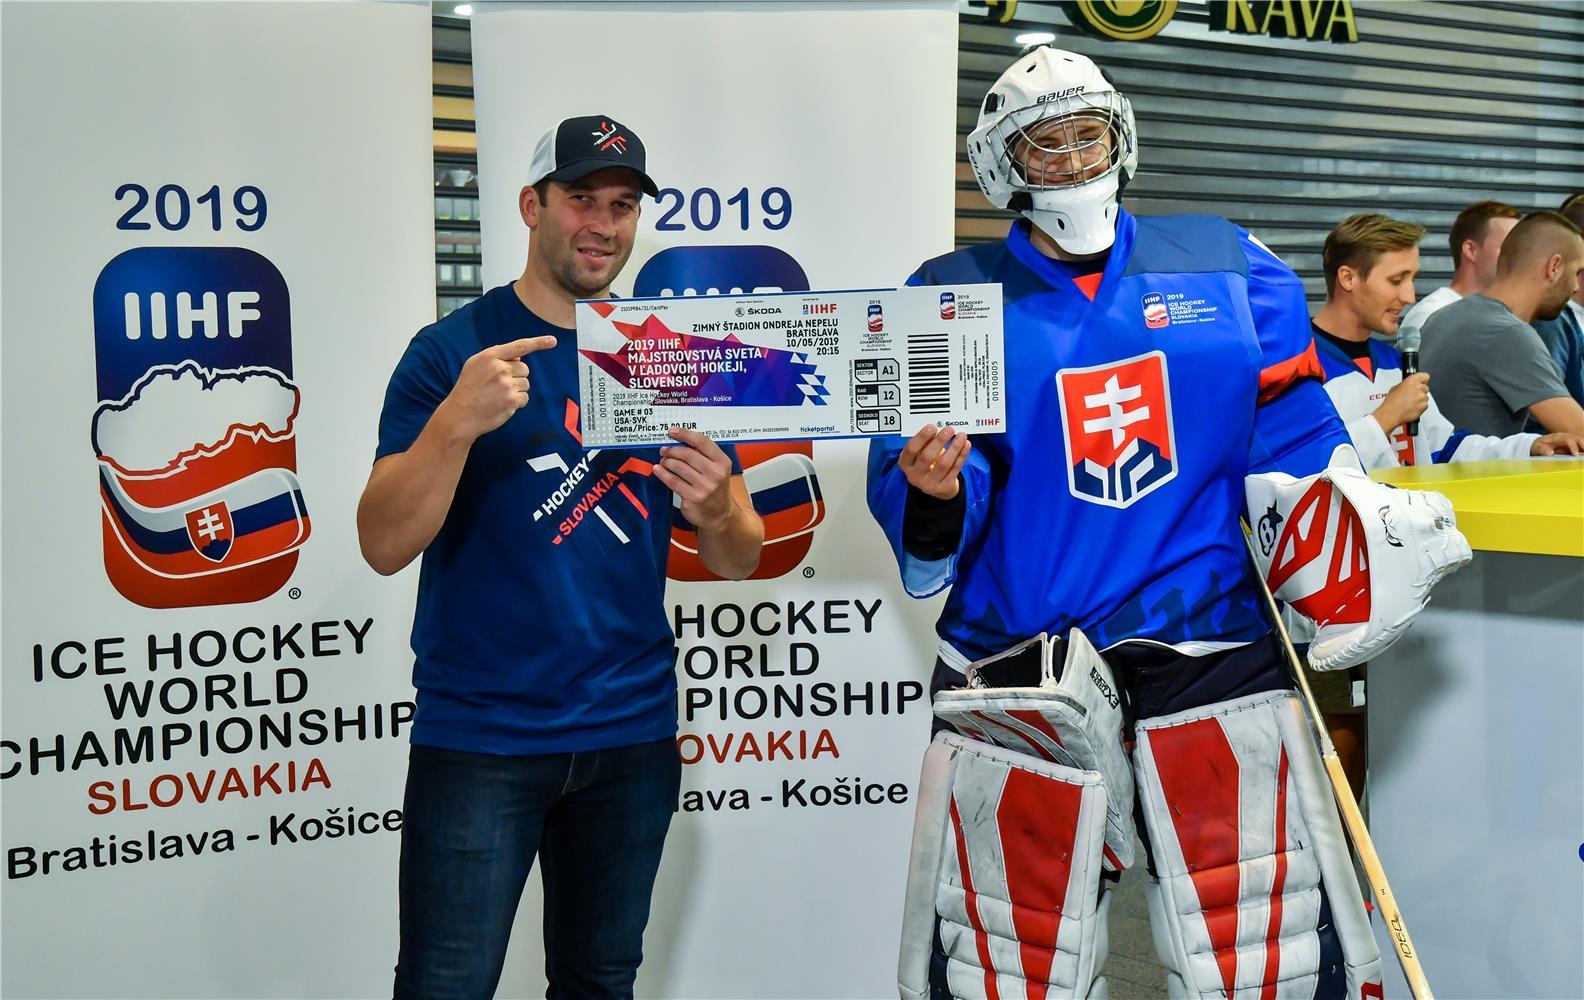 de9fd217c Lístky na 2019 IIHF MS v ľadovom hokeji sú už v predaji: Prvá vstupenka pre  brankára Jána Laca